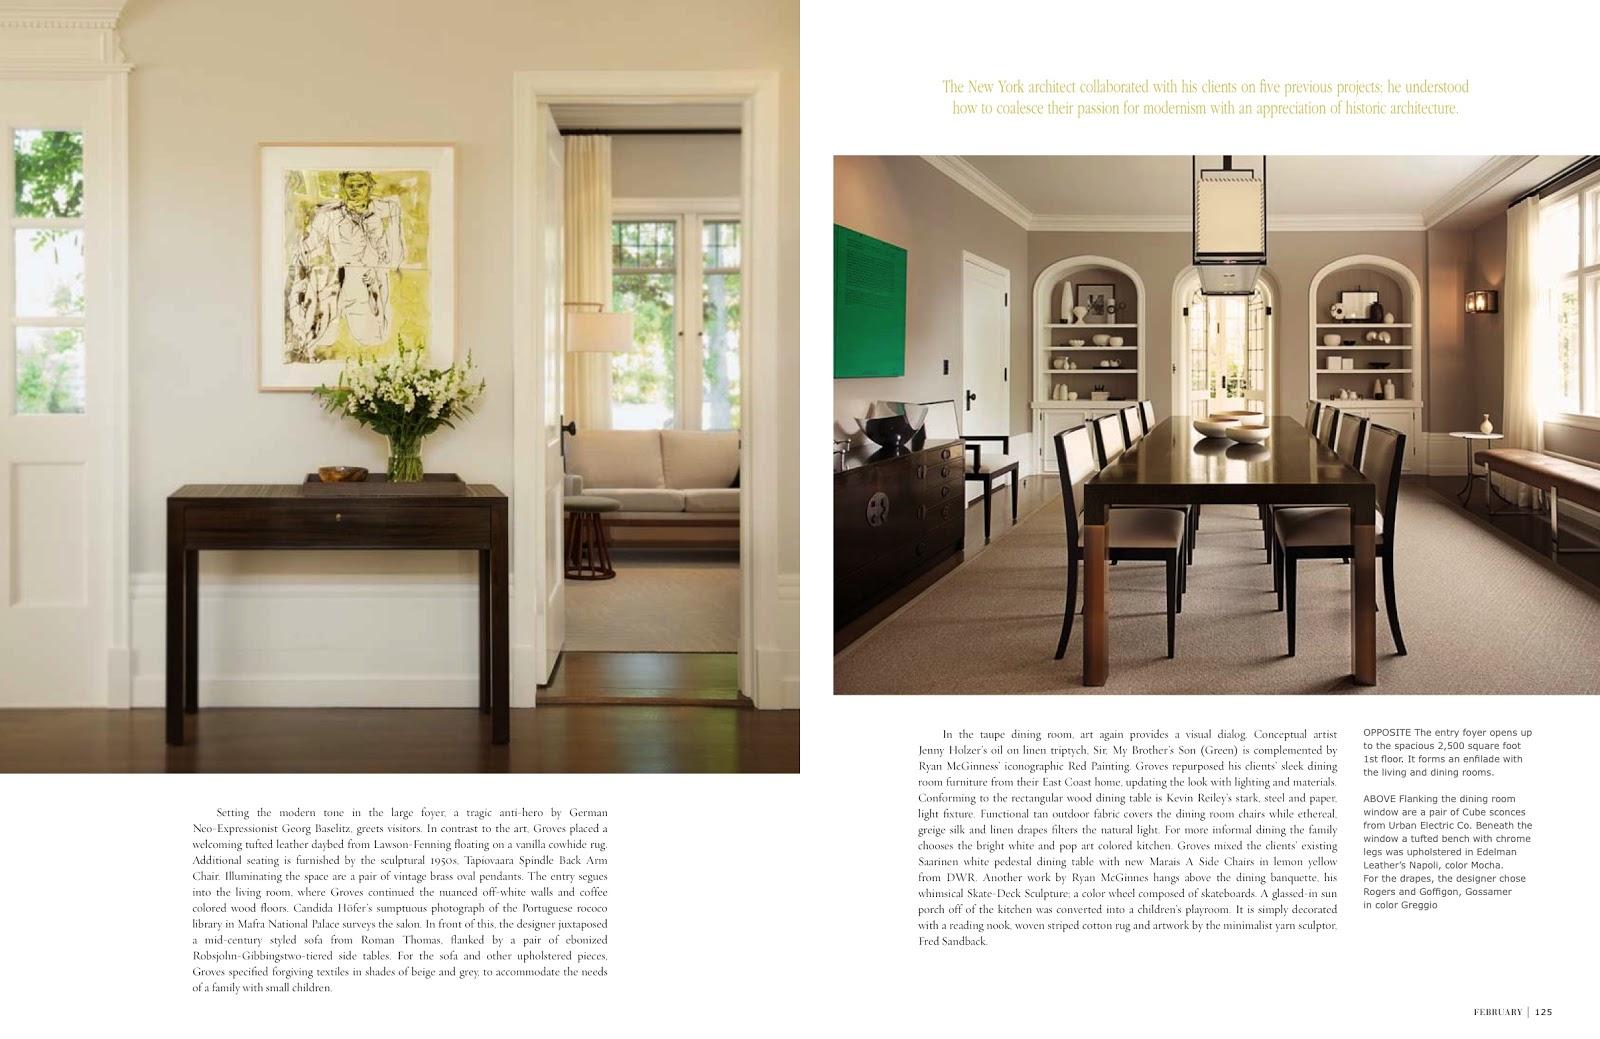 Tudor Revival Revisited California Homes Magazine February 2013